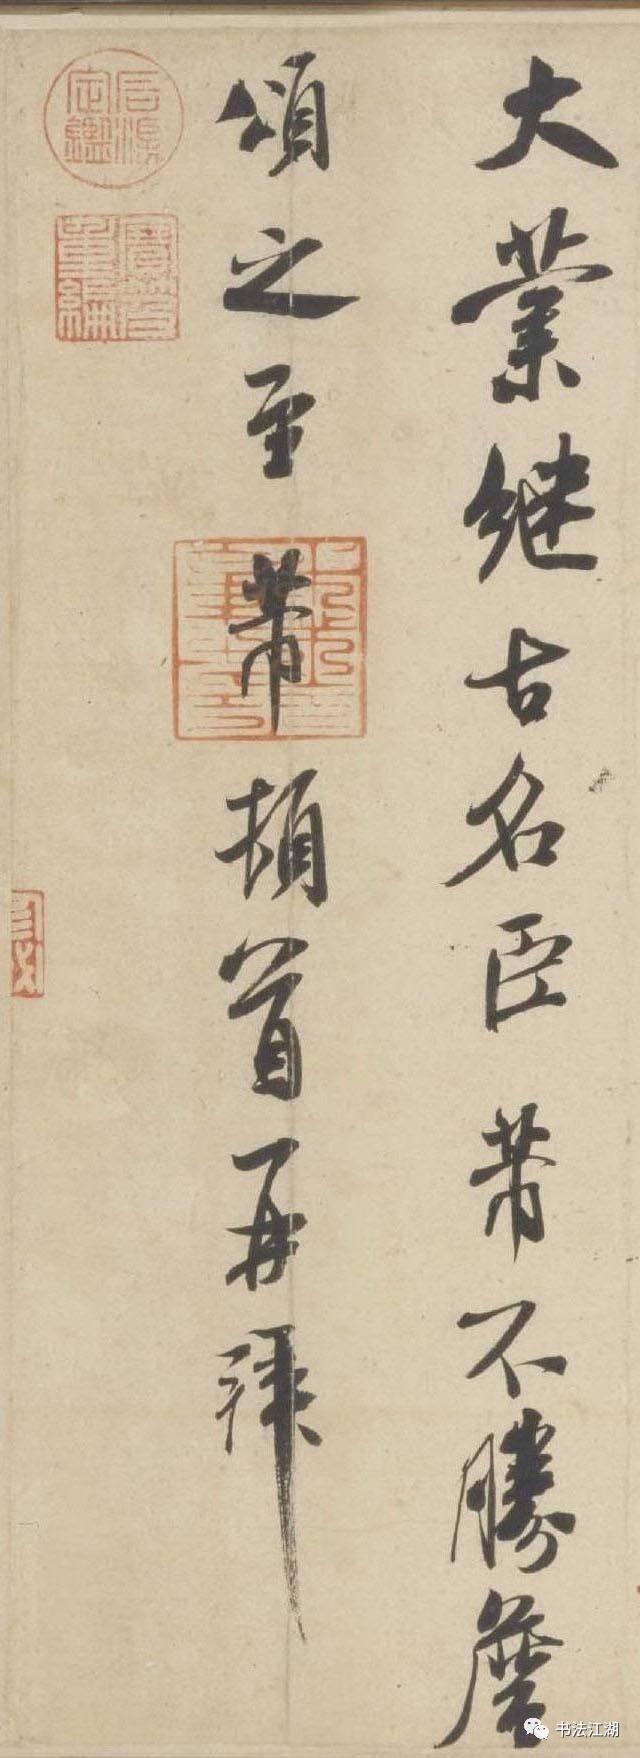 书法 书法作品 640_1758 竖版 竖屏图片